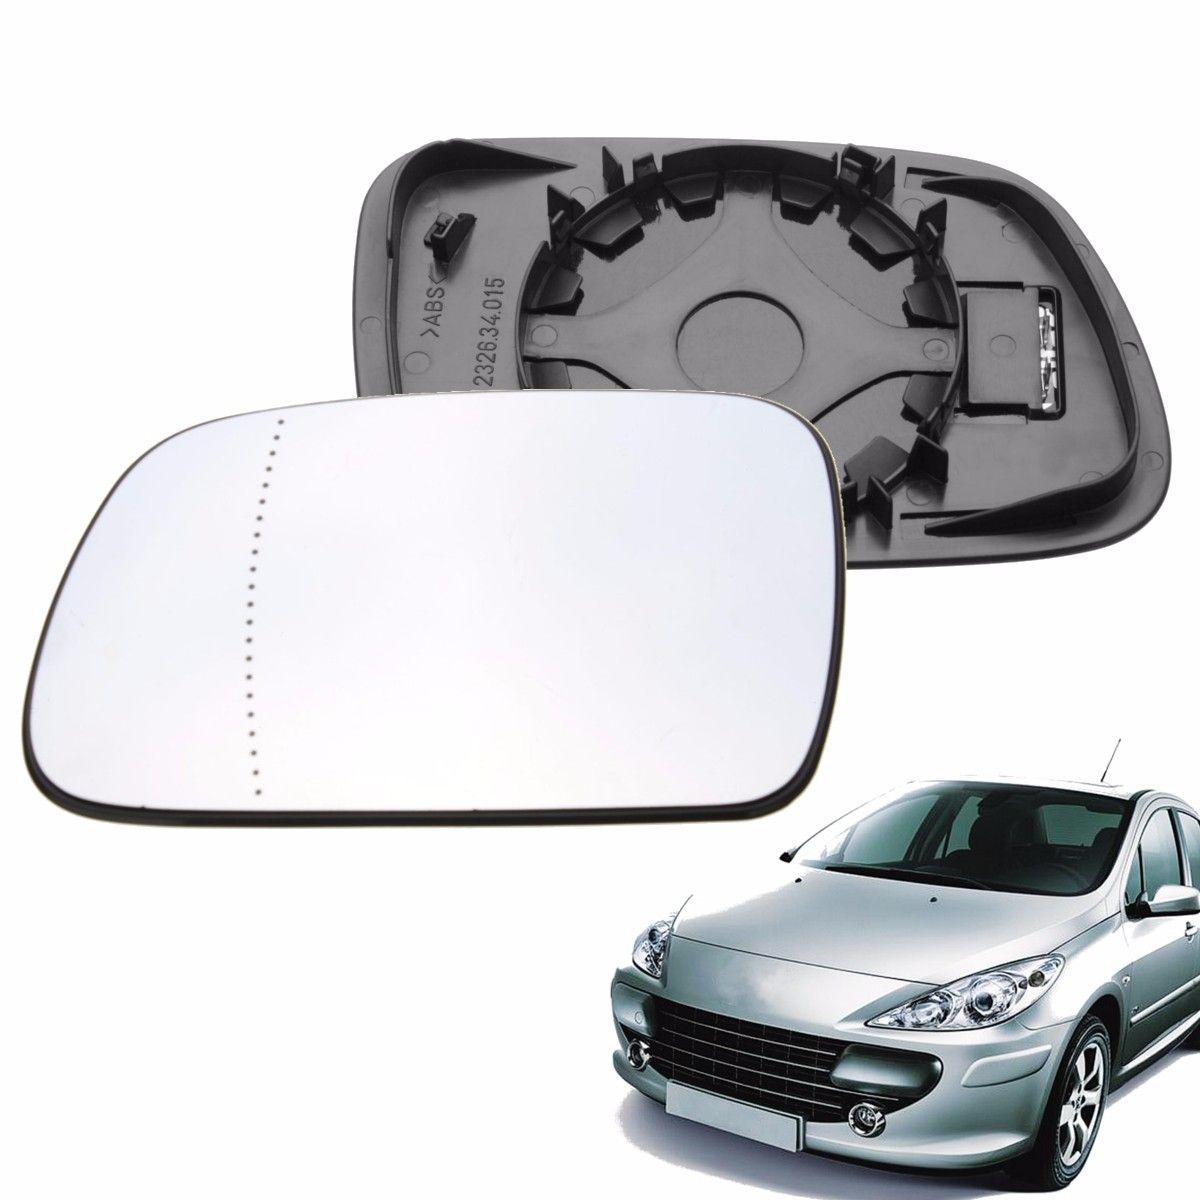 Links Passagier Seite Erhitzt Weitwinkel Flügel Tür Spiegel Glas Für Peugeot 307 407